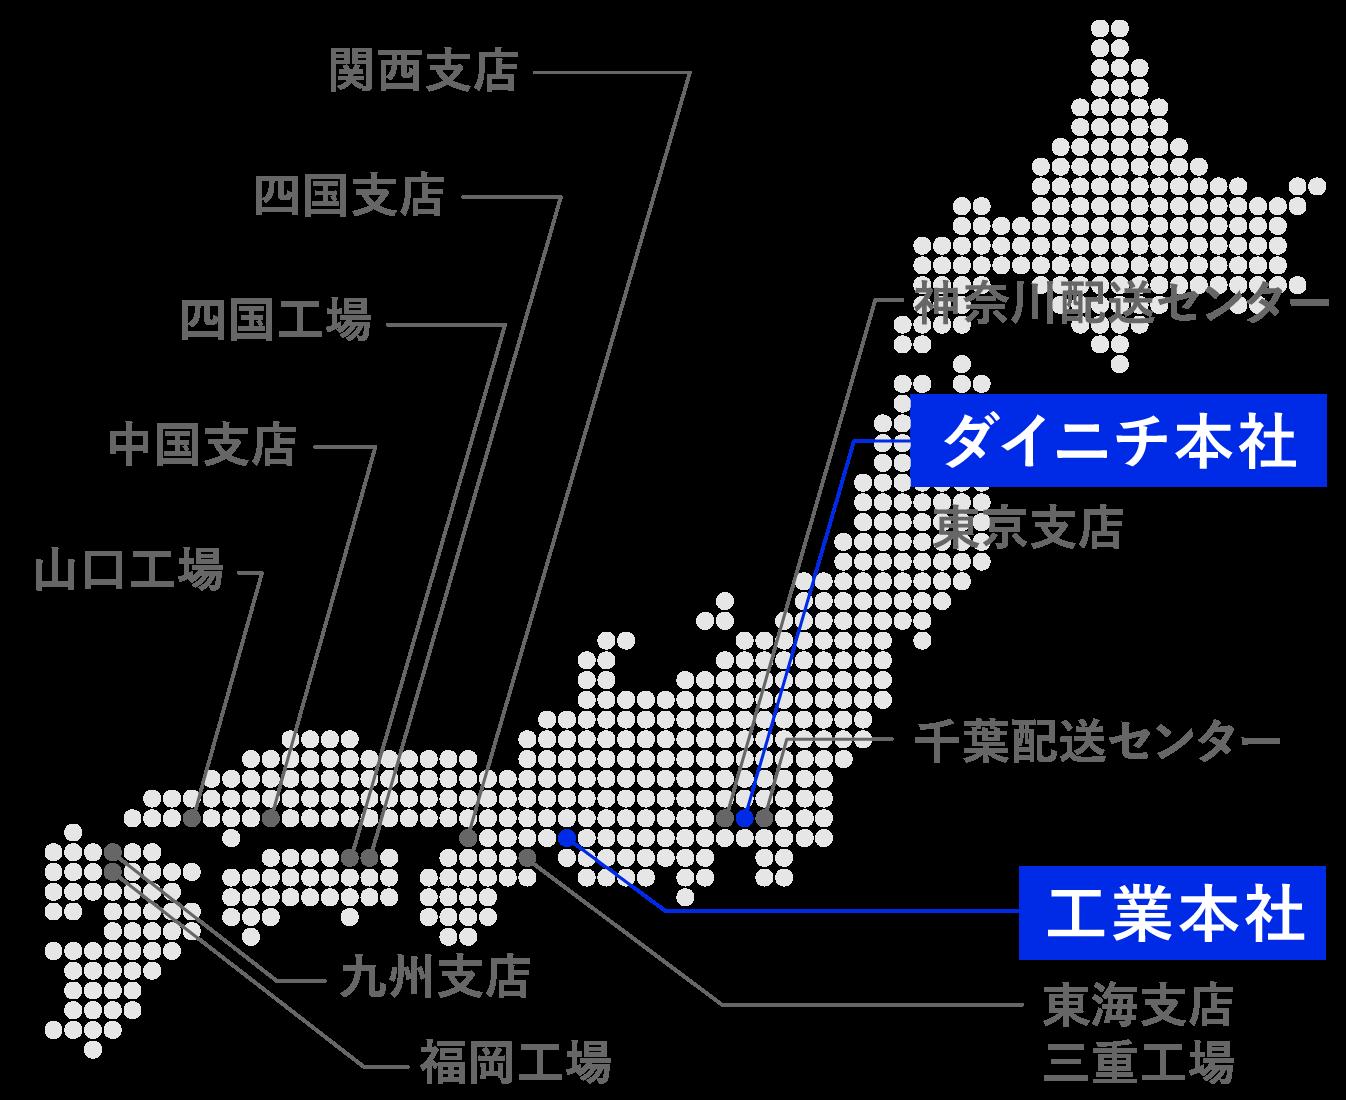 大日コンクリート株式会社 拠点紹介地図